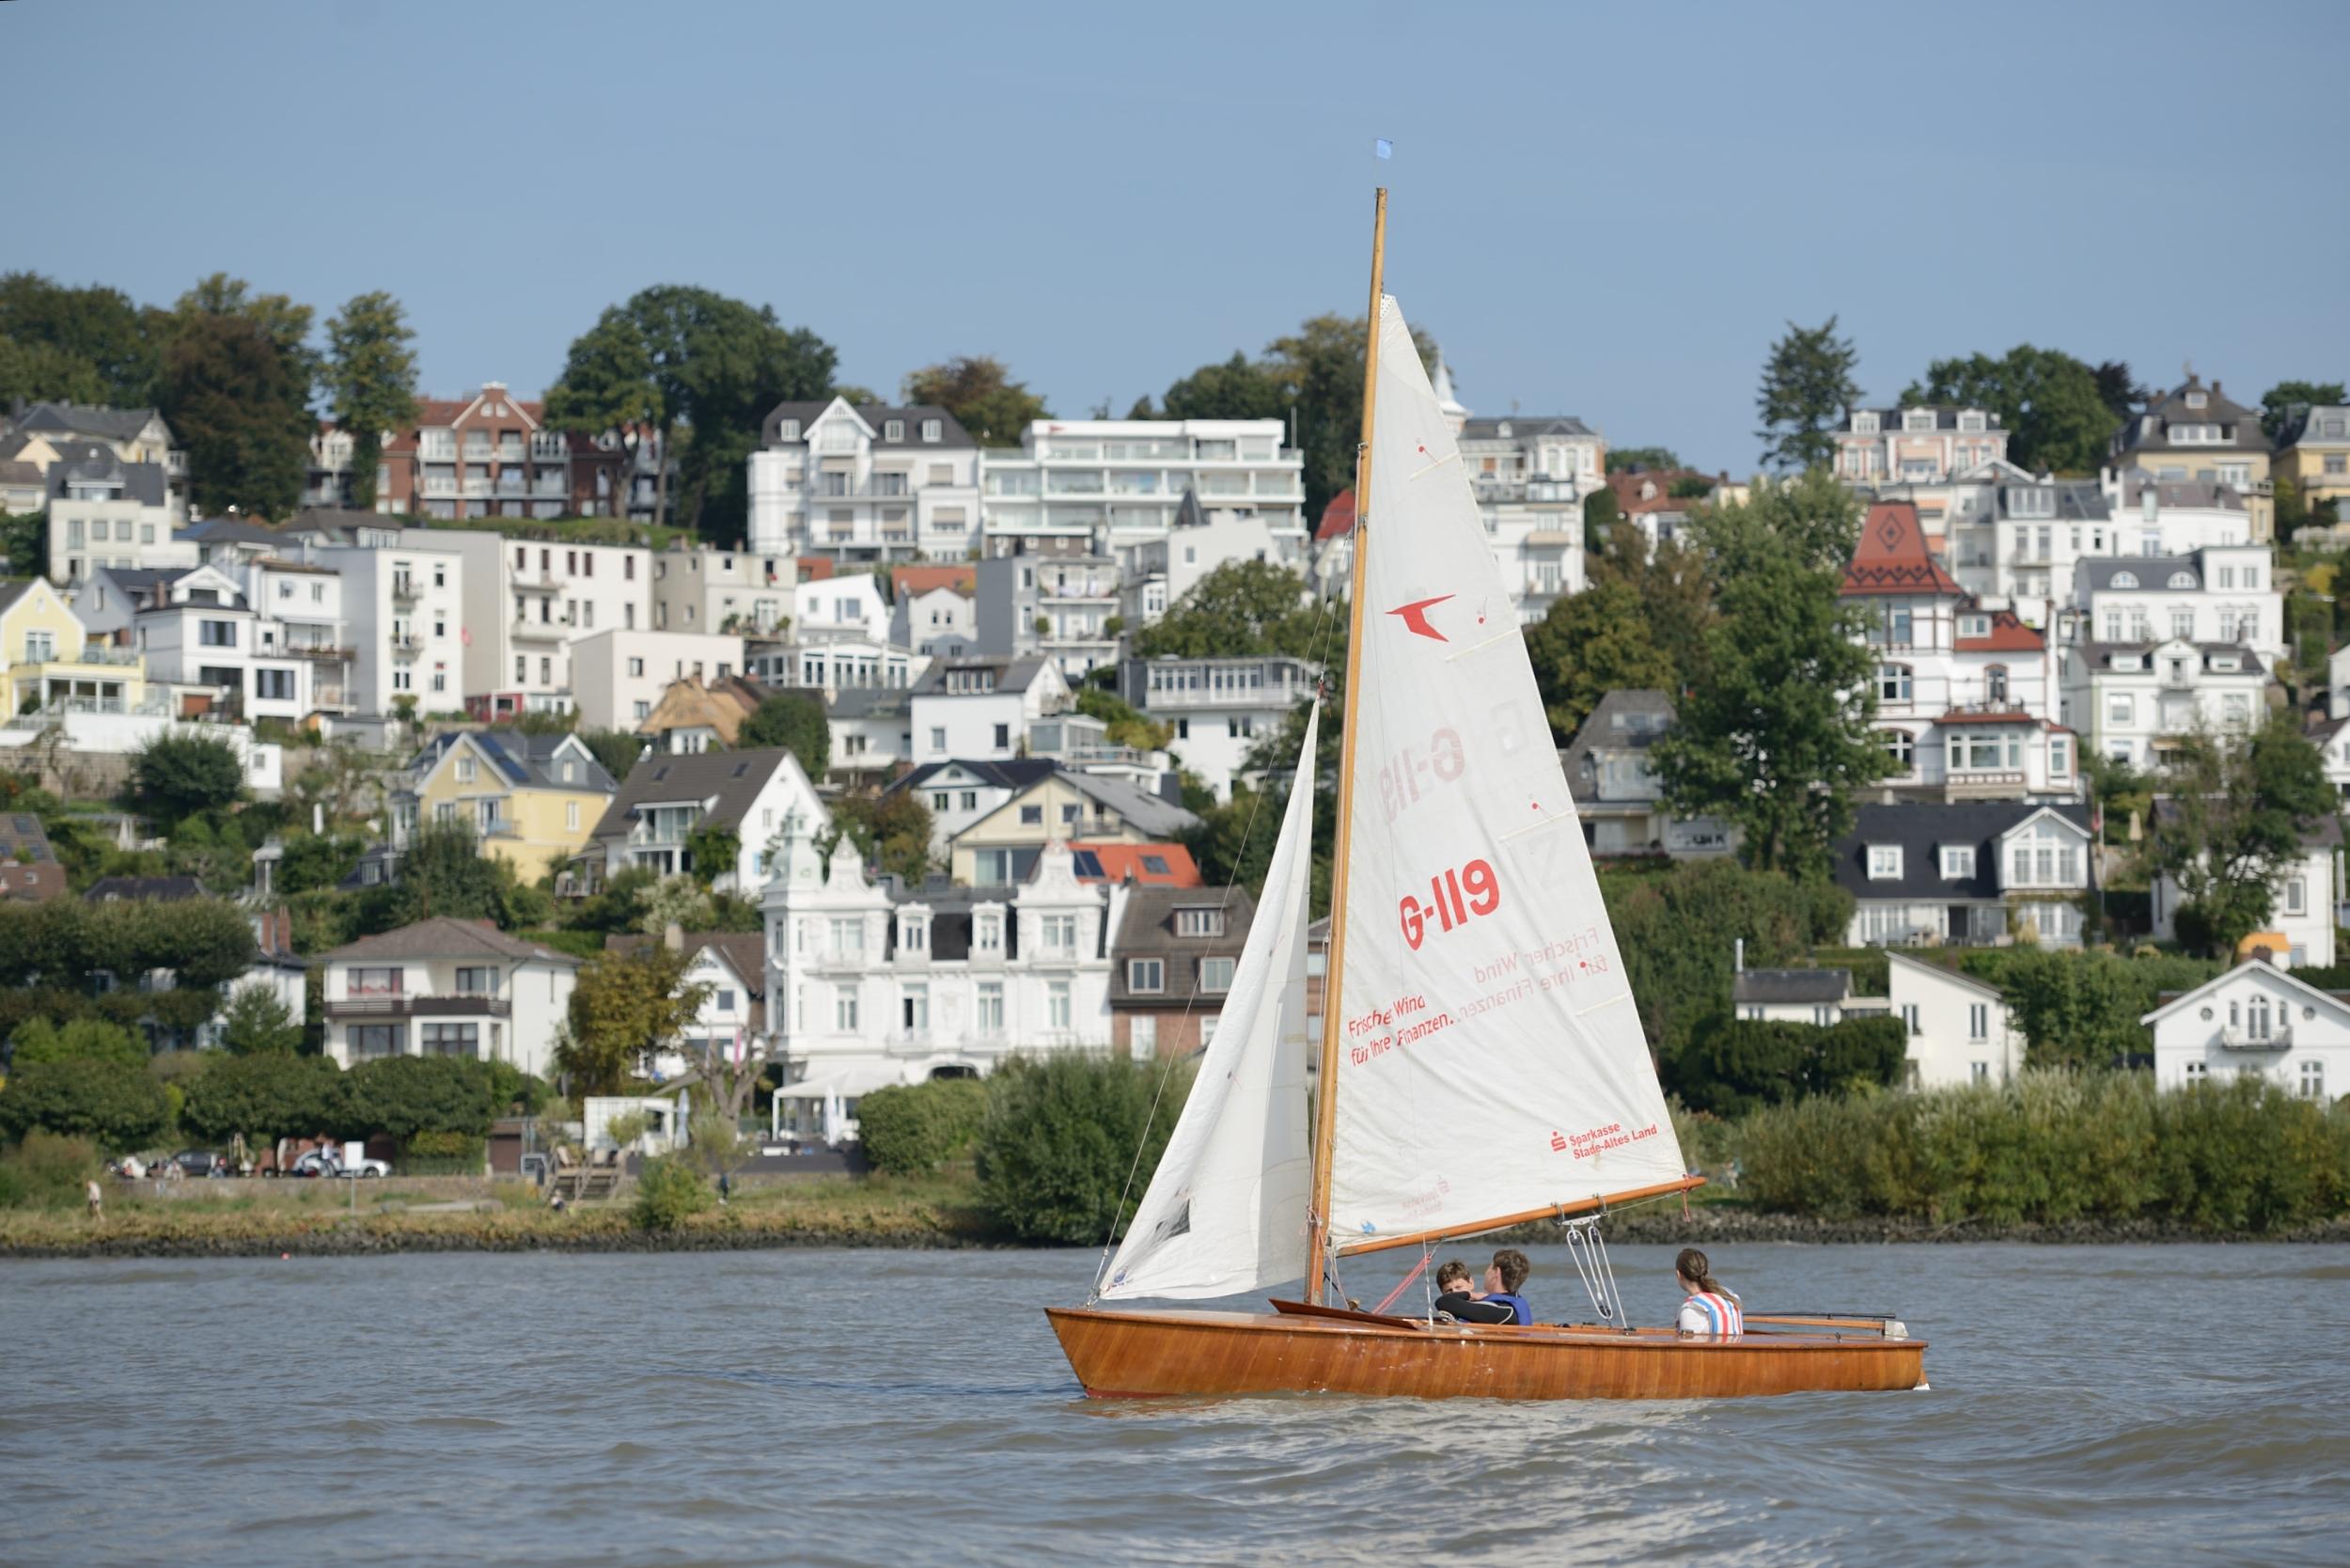 http://tusfinkenwerder-yachthafen.elbfriends.com/wp-content/uploads/sites/8/2017/06/DSC_1549.jpg